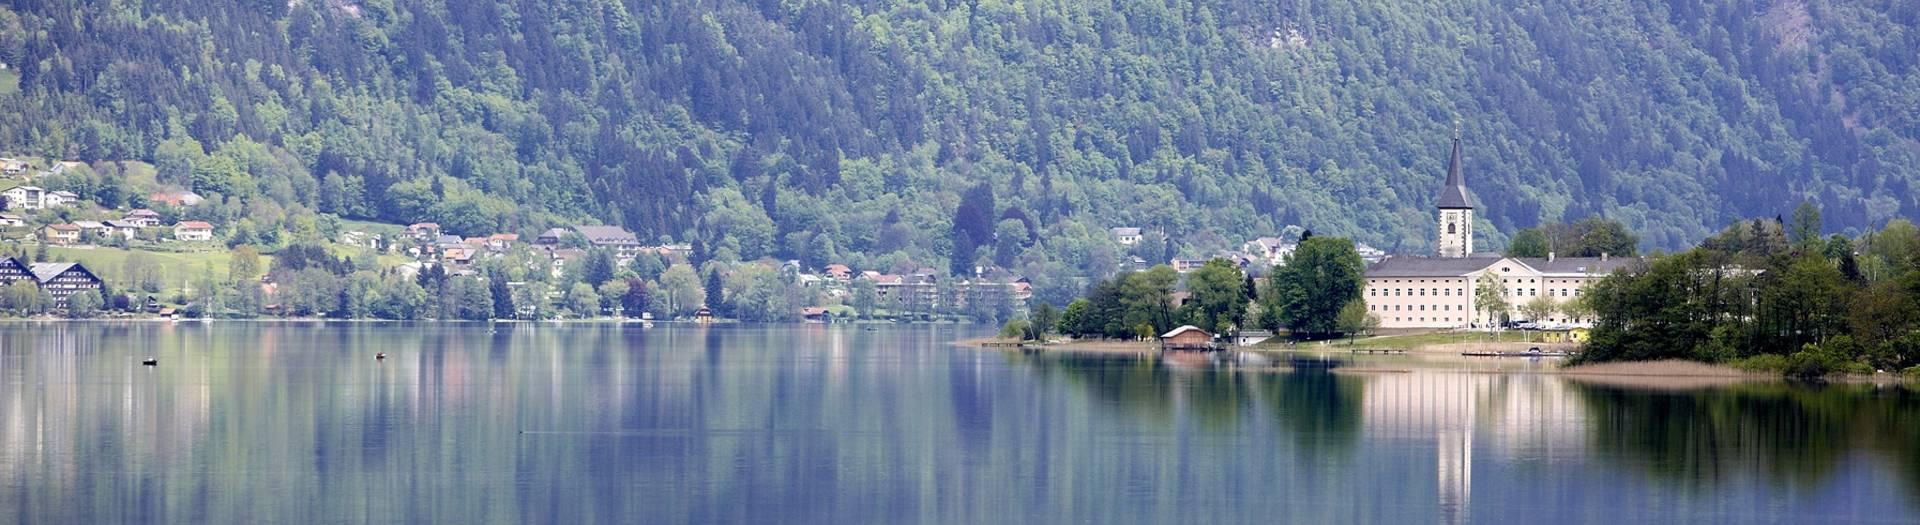 Ossiach mit dem Stift Ossiach in der Region Villach